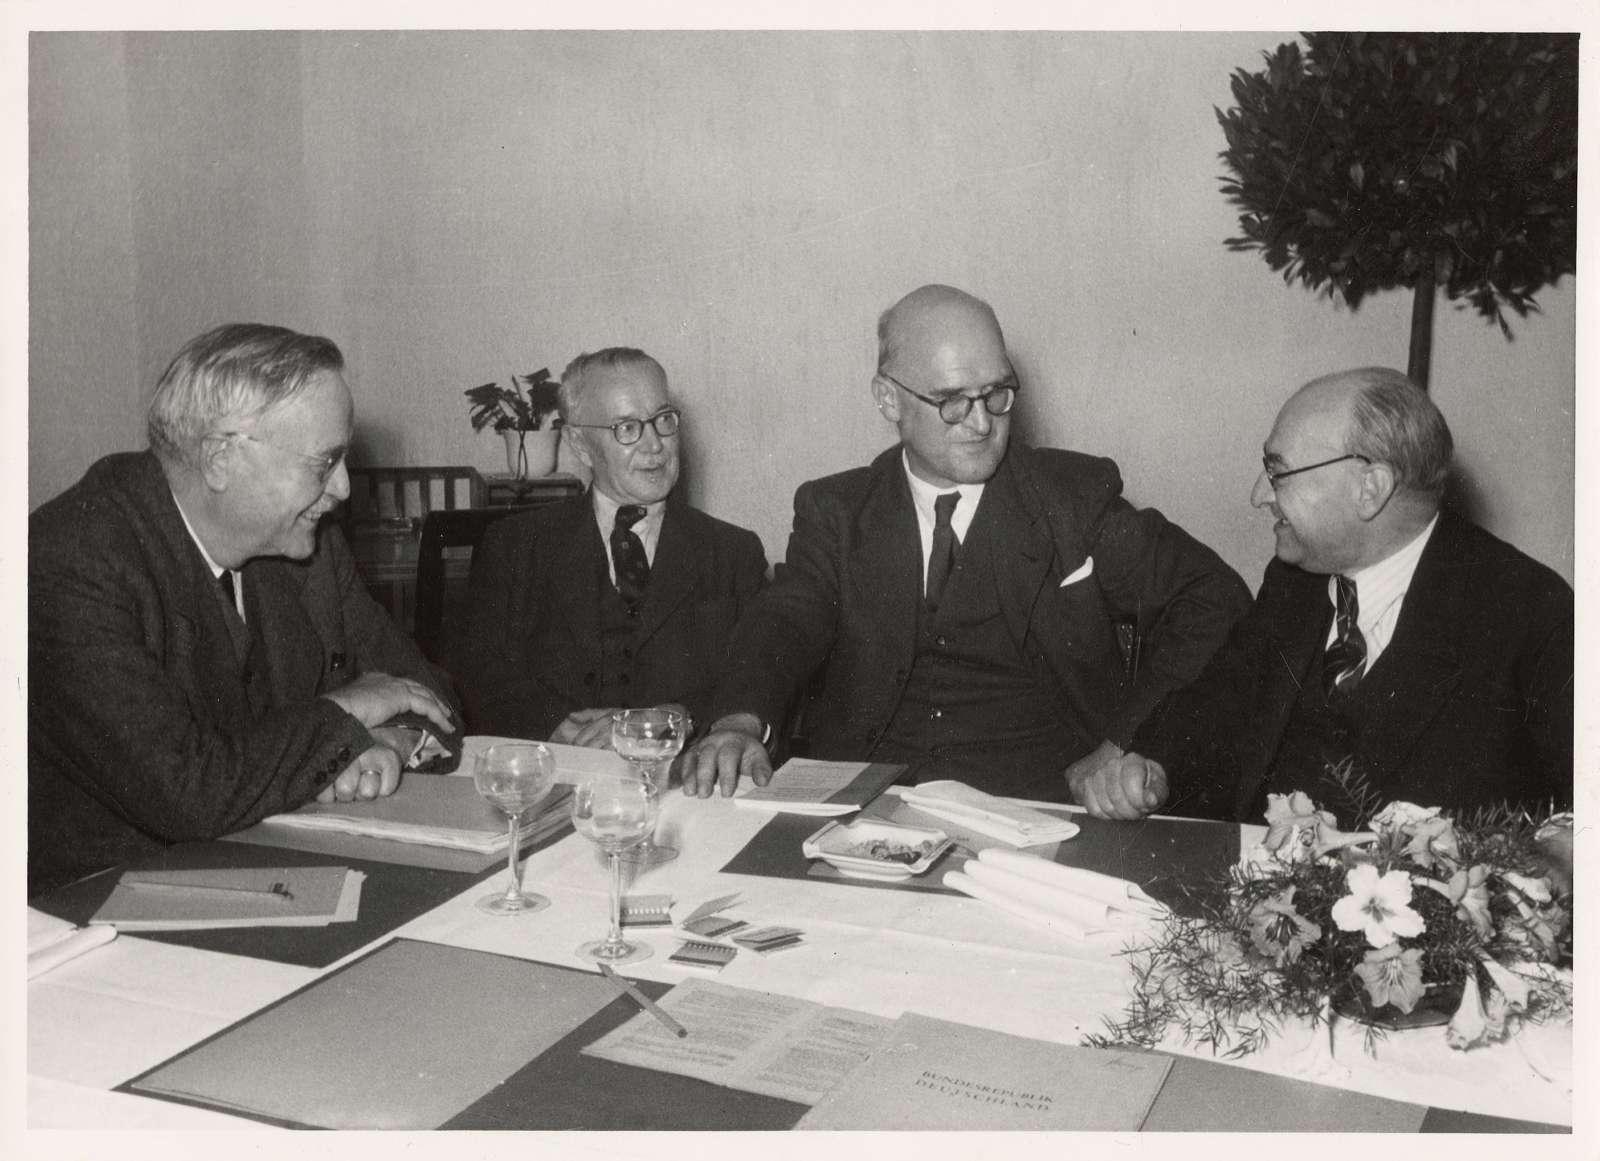 Südweststaatkonferenz in Wildbad am 12. Oktober 1950, Bild 1